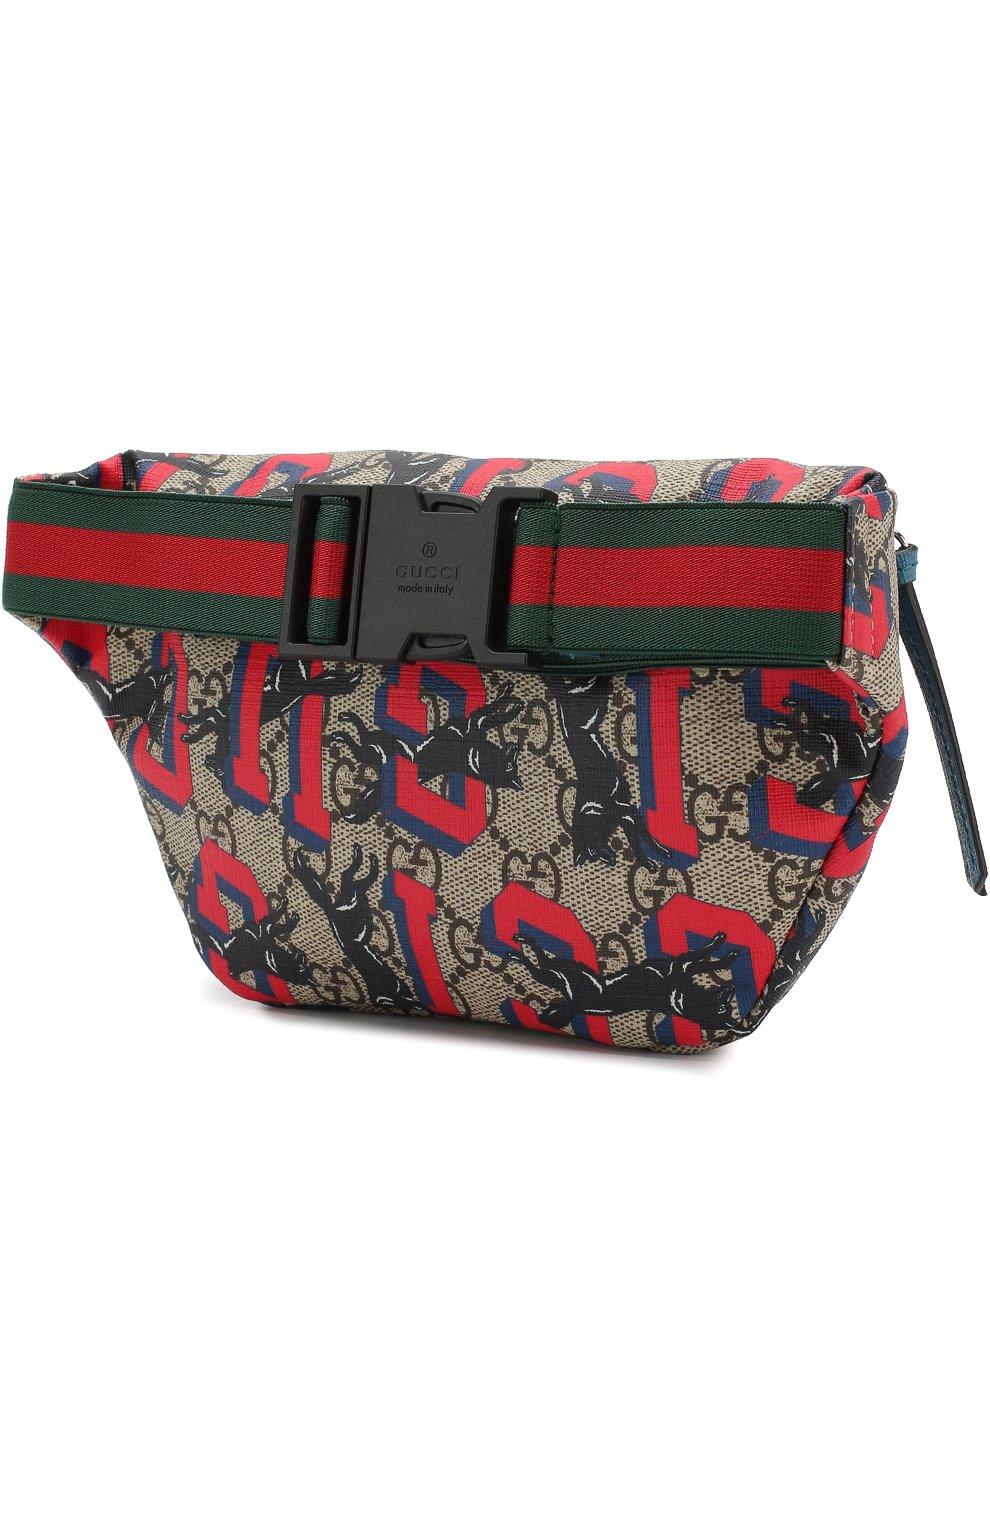 88a9f3b420b7 Поясная сумка GUCCI разноцветного цвета — купить за 22700 руб. в ...